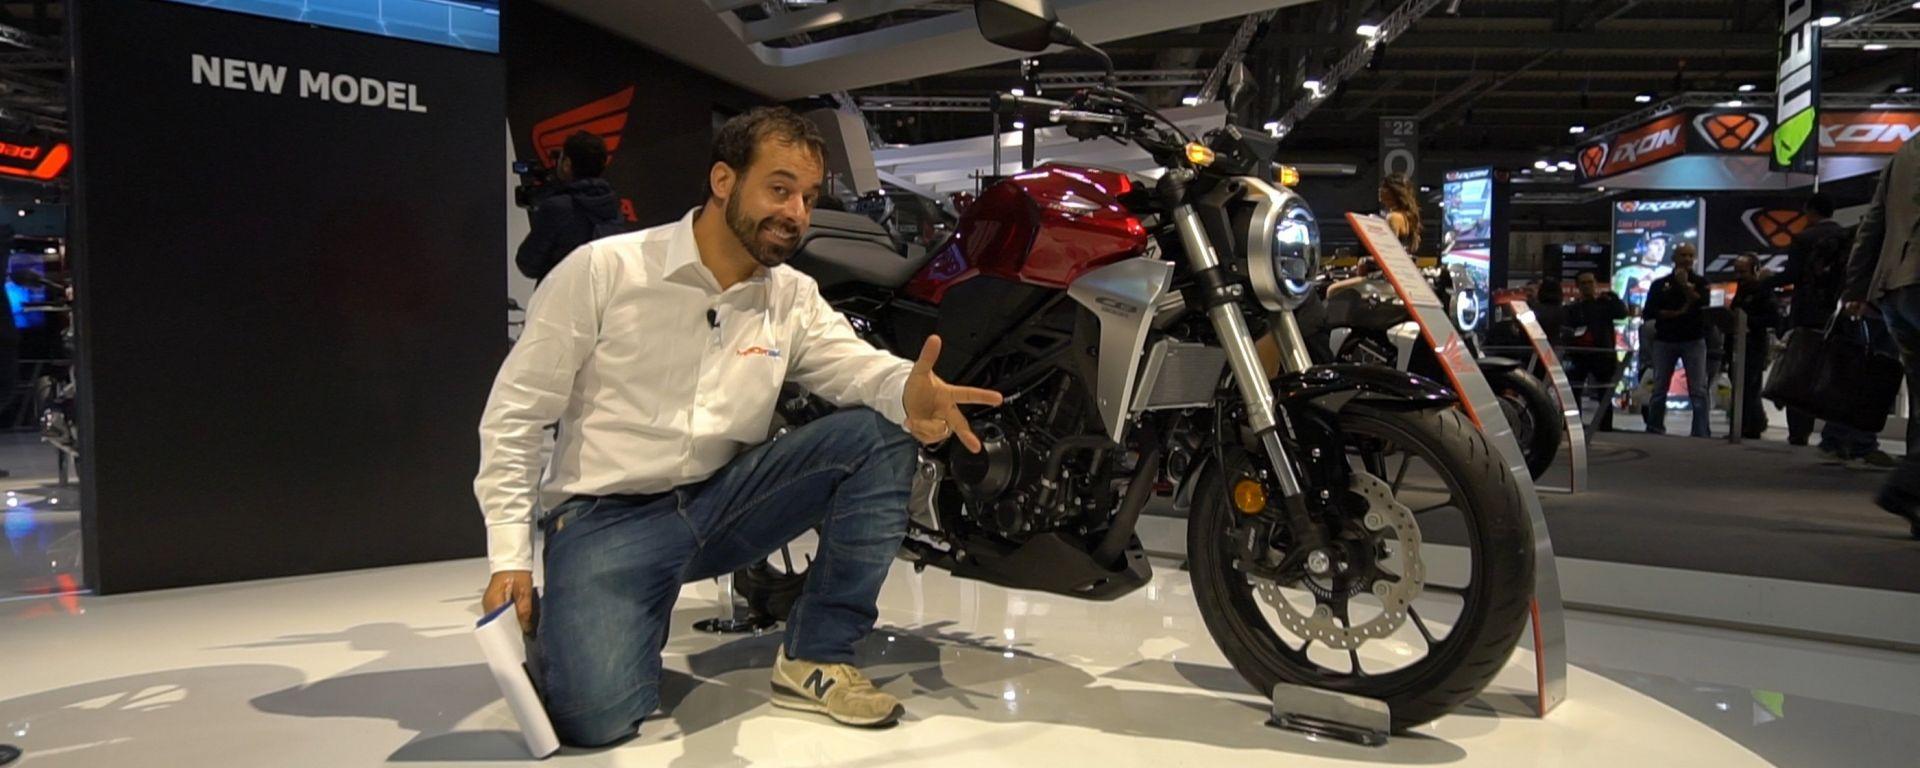 Nuove Honda CB300R e CB125R: piccole ma cattivissime [VIDEO]